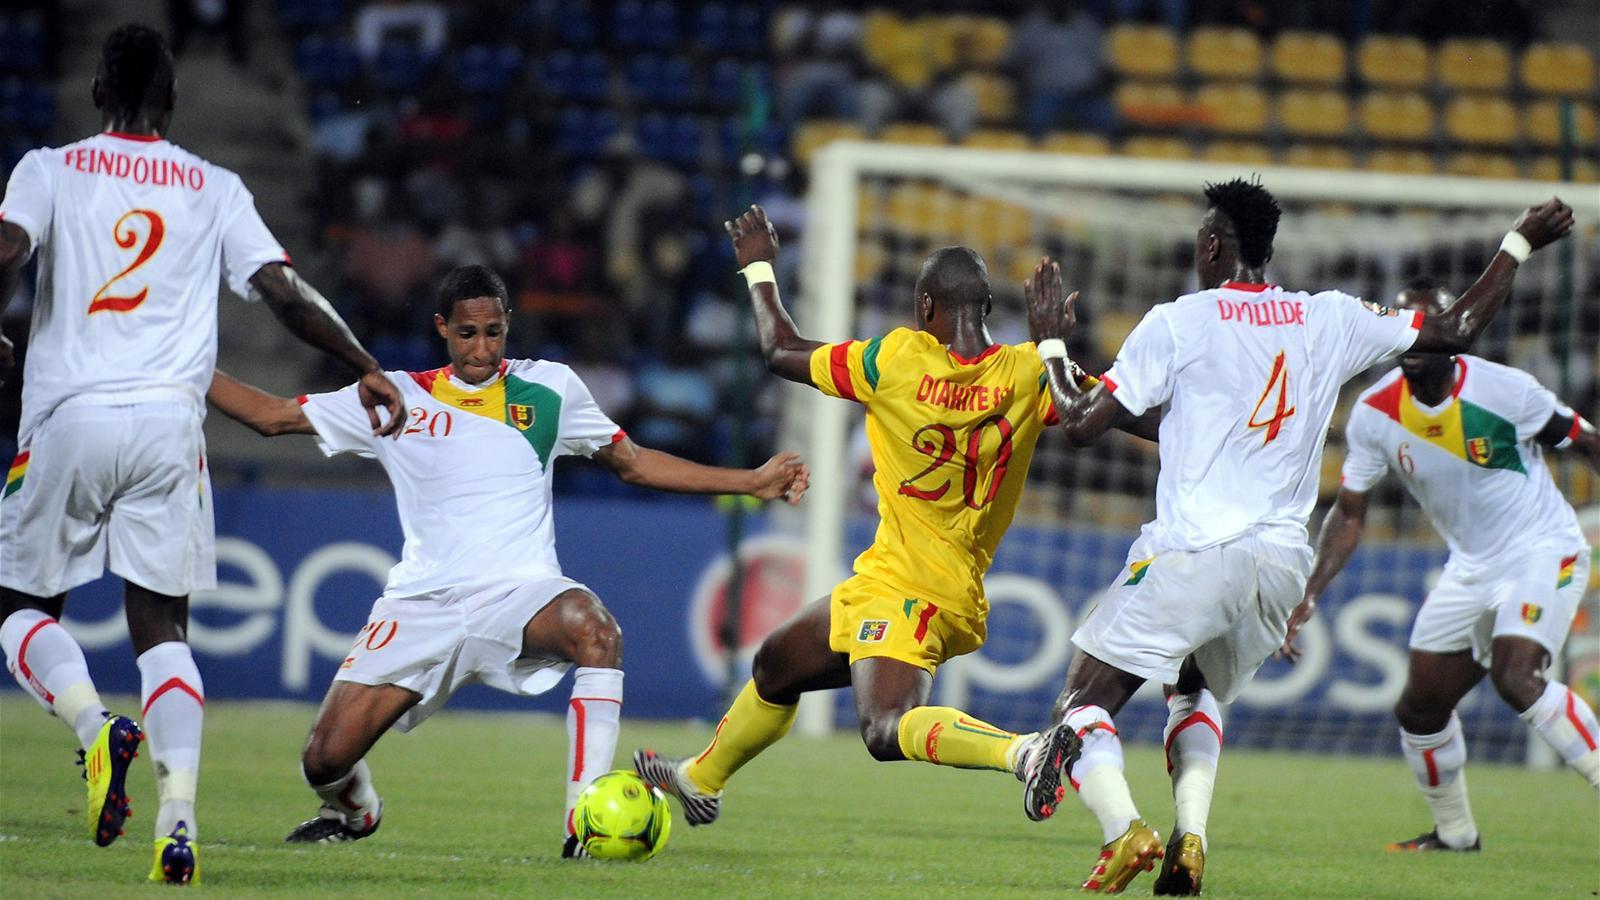 Le mali douche la guin e coupe d 39 afrique des nations - Regarder la coupe d afrique en direct ...